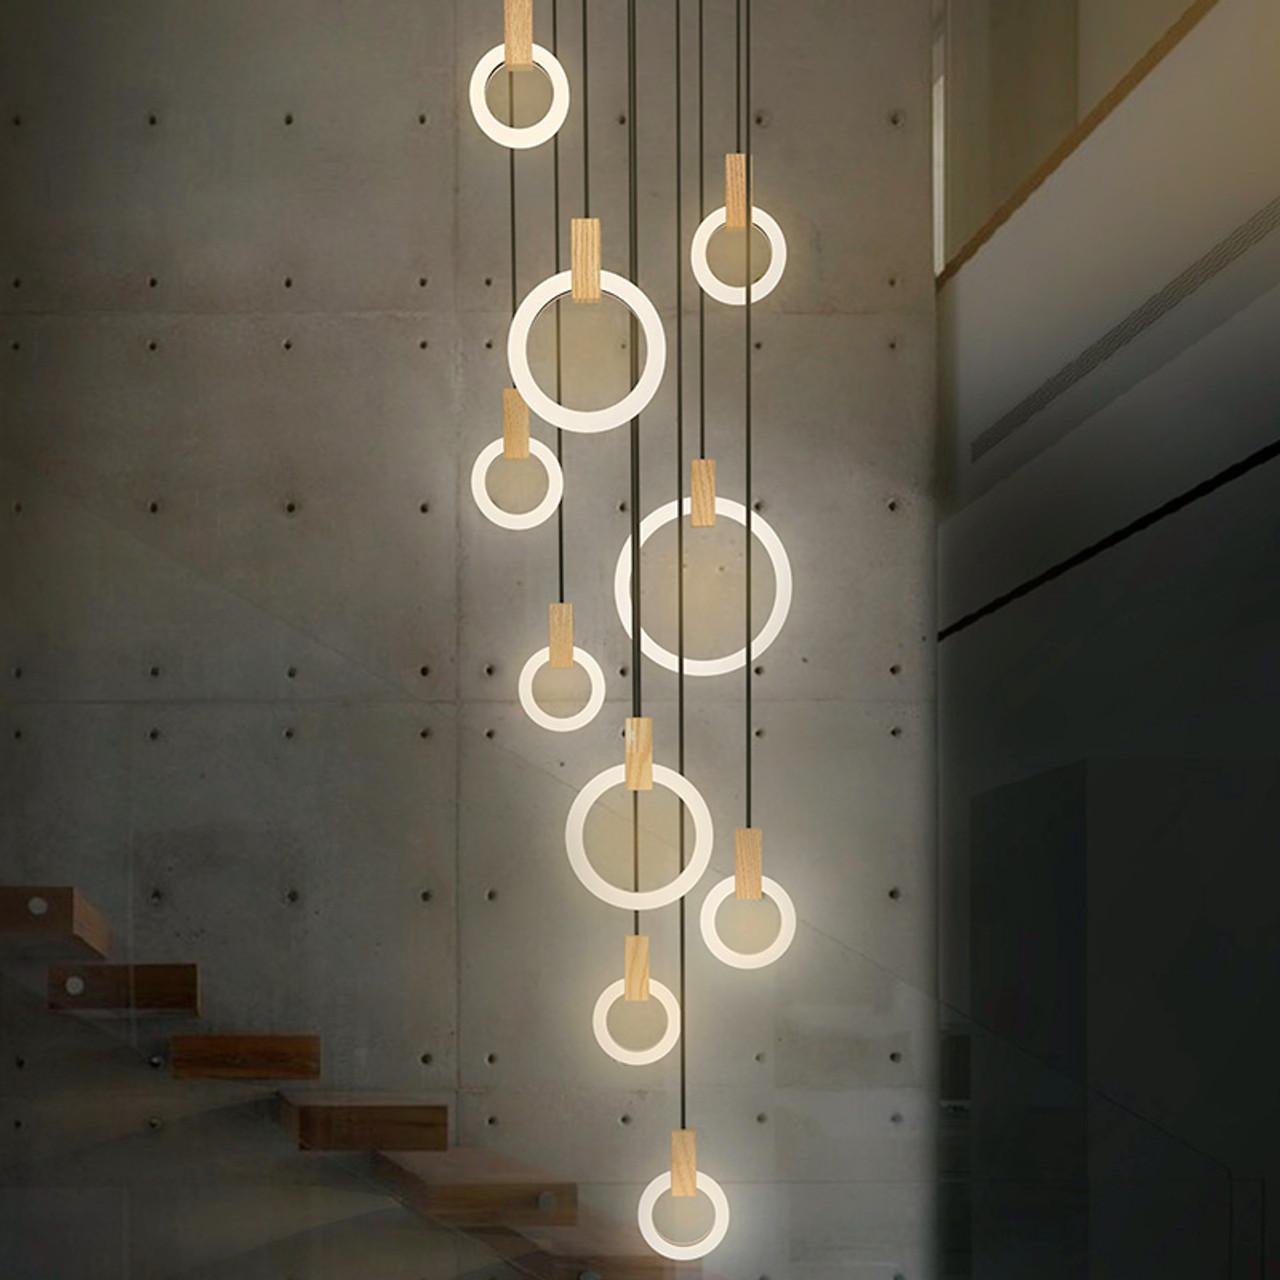 Ceiling Lights & Fans Post-modern Led Chandelier Wooden Bedroom Suspended Lighting Loft Novelty Fixtures Nordic Luminaires Living Room Hanging Lights